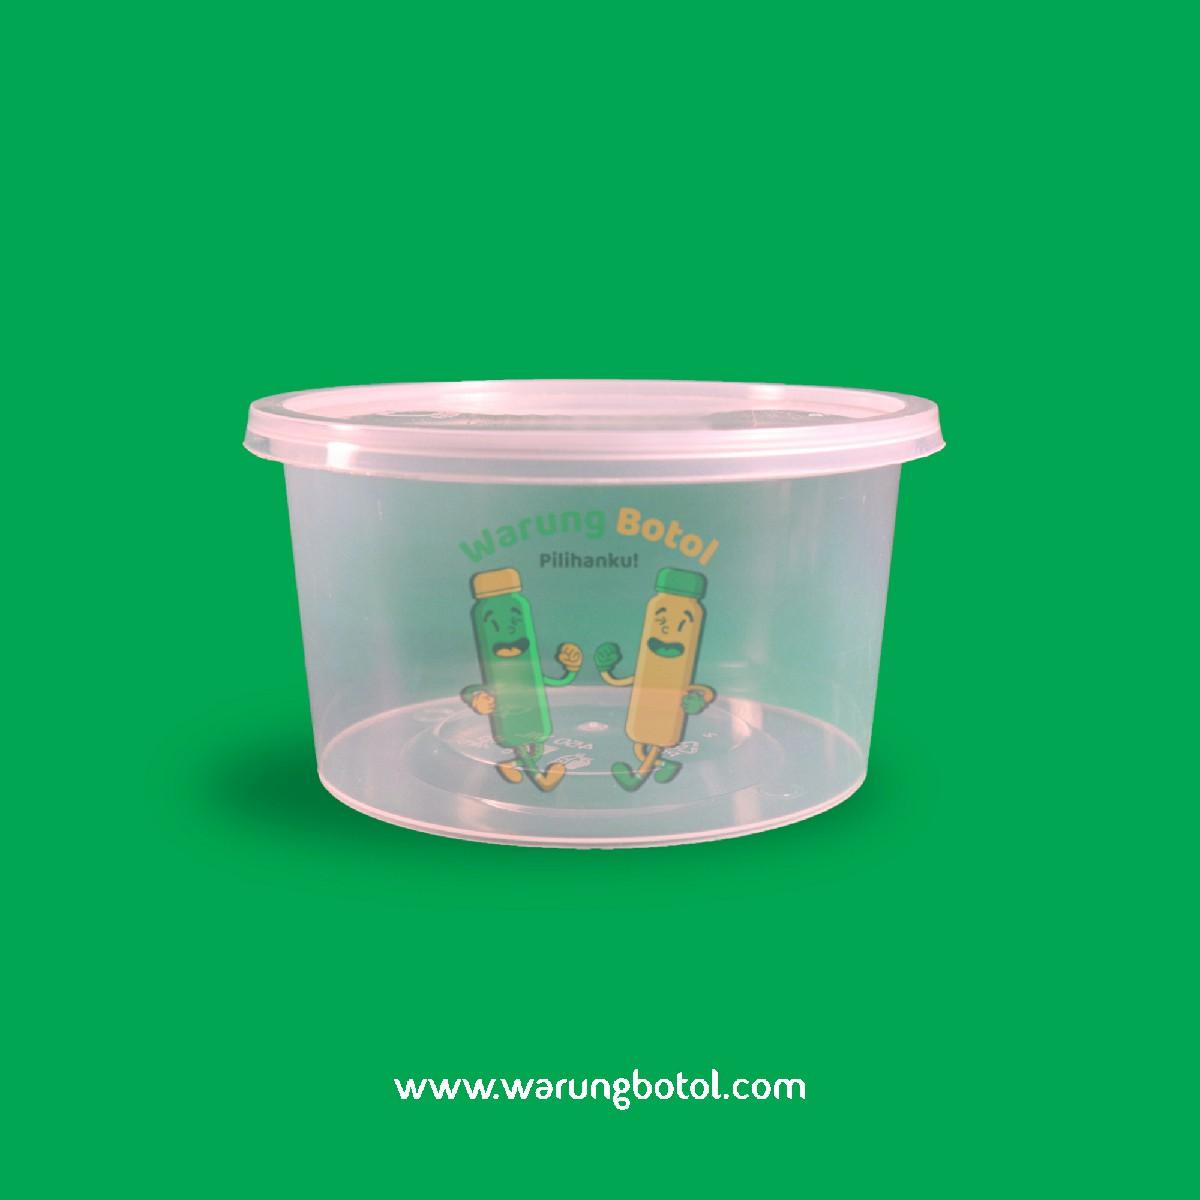 distributor toko jual thinwall bulat 450ml murah untuk kemasan bento anak, makanan kebab salad terdekat di bandung jakarta bekasi bogor